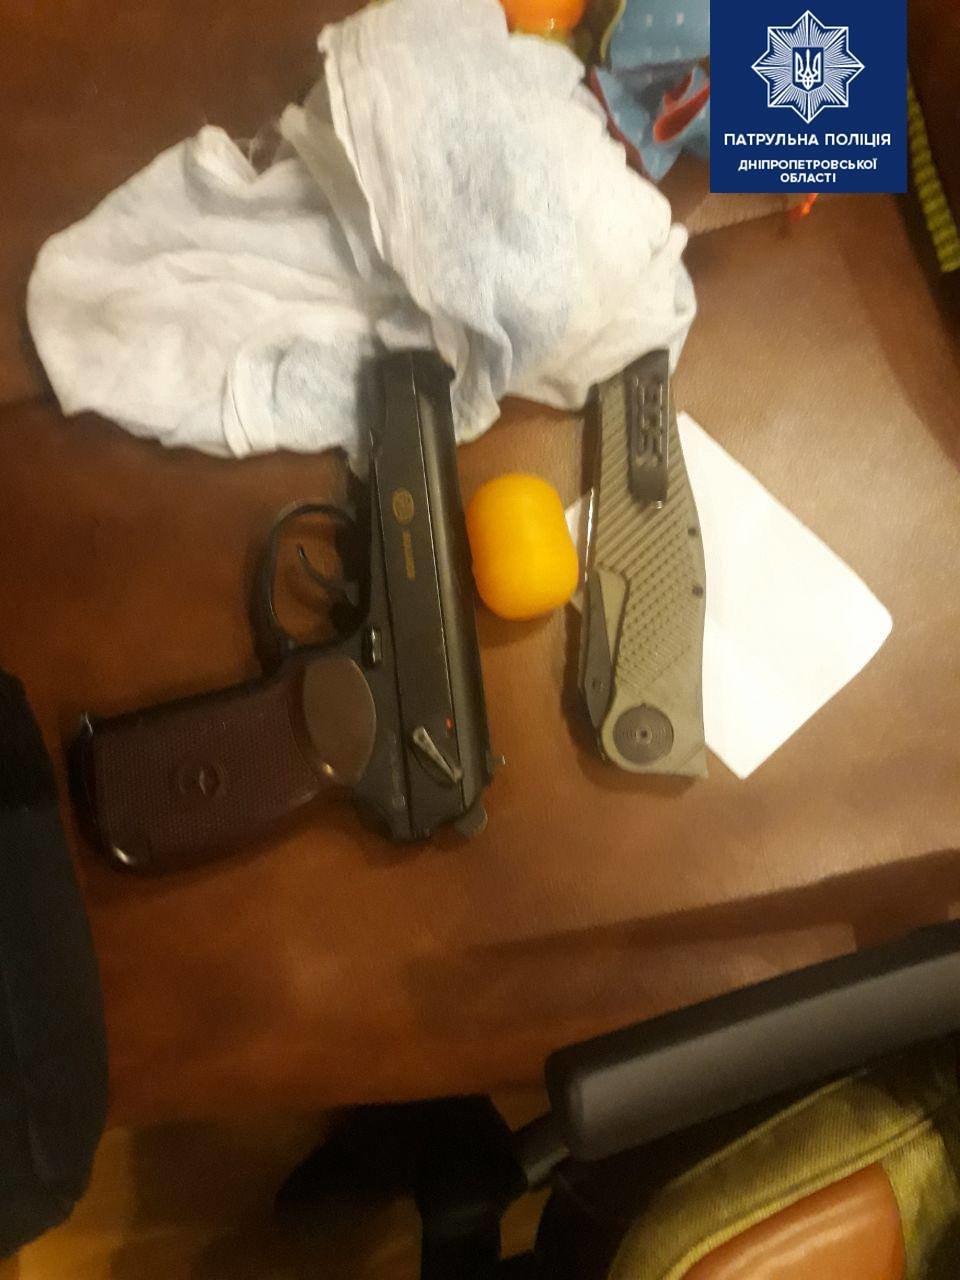 В Днепре задержали домашнего тирана: с пистолетом он угрожал семье, - ФОТО, фото-2